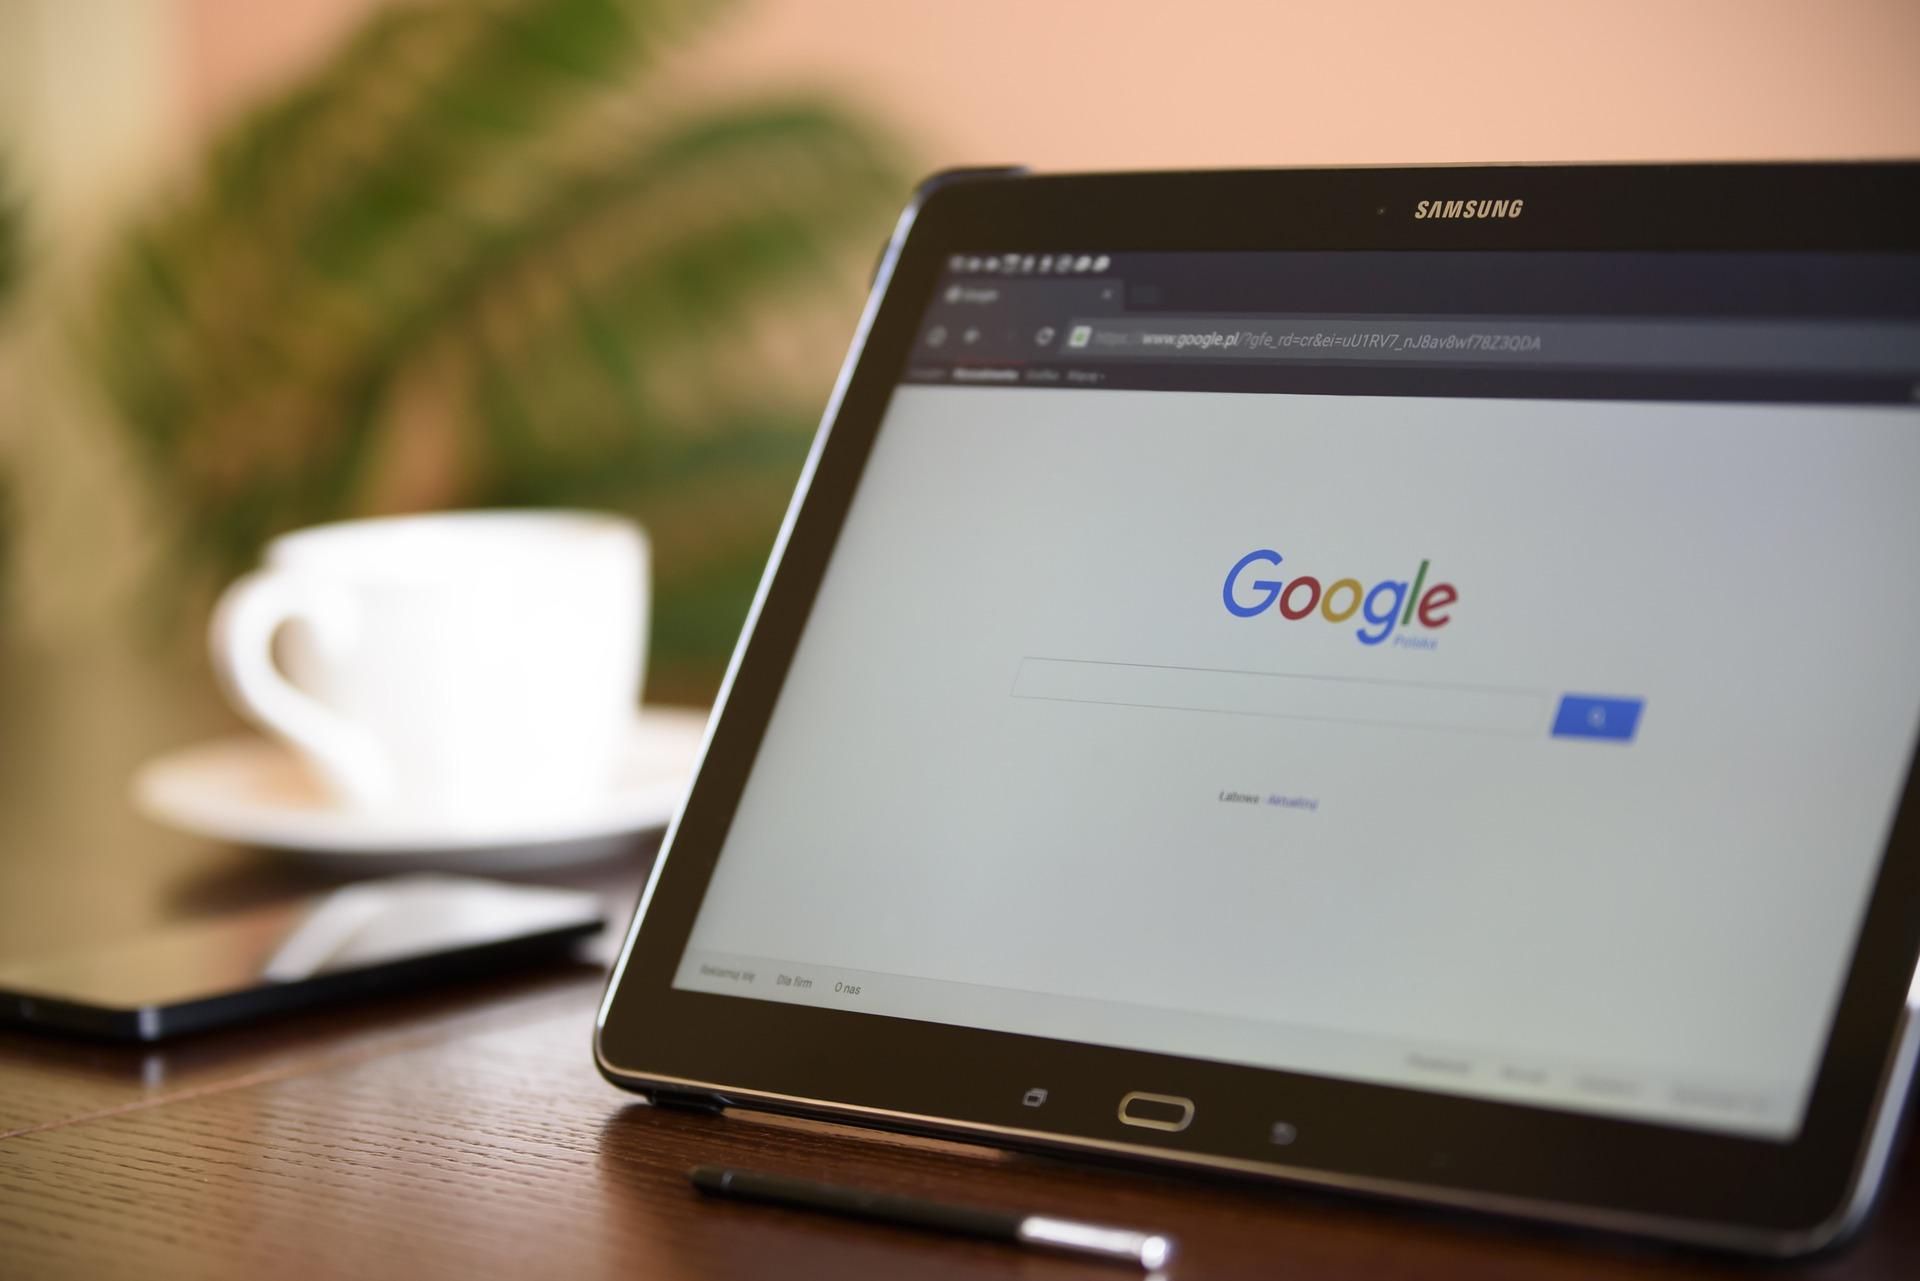 כל מה שאתם צריכים לדעת על קידום באינטרנט